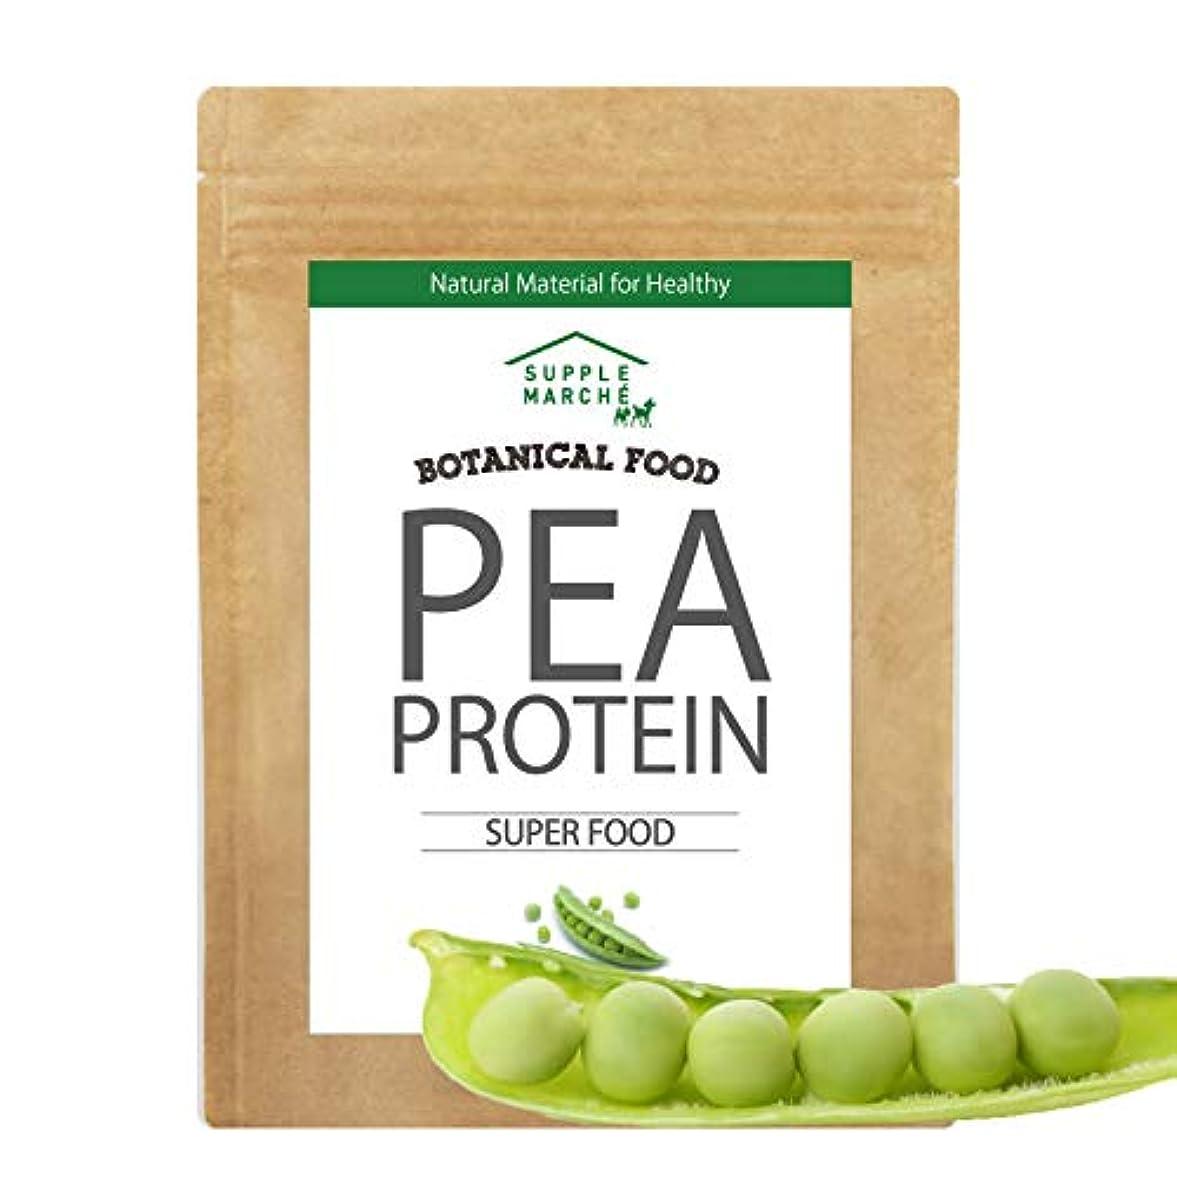 スカイヘア上院議員アレルギーの方に ボタニカル ピープロテイン 500g 無添加 えんどう豆プロテイン ビーガン ダイエット 美容 タンパク質